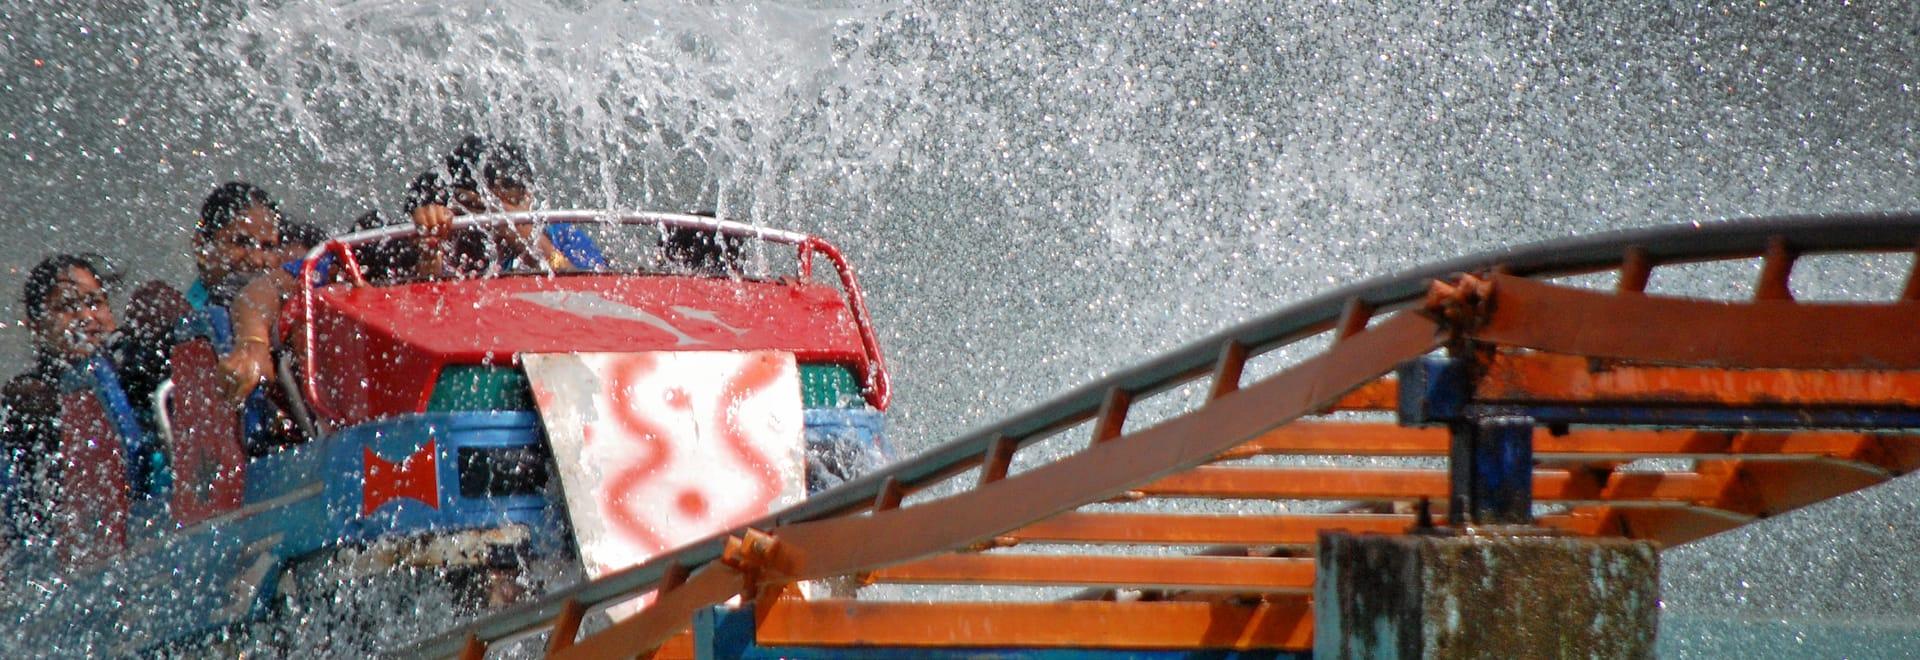 1492778669_water_ride.jpg